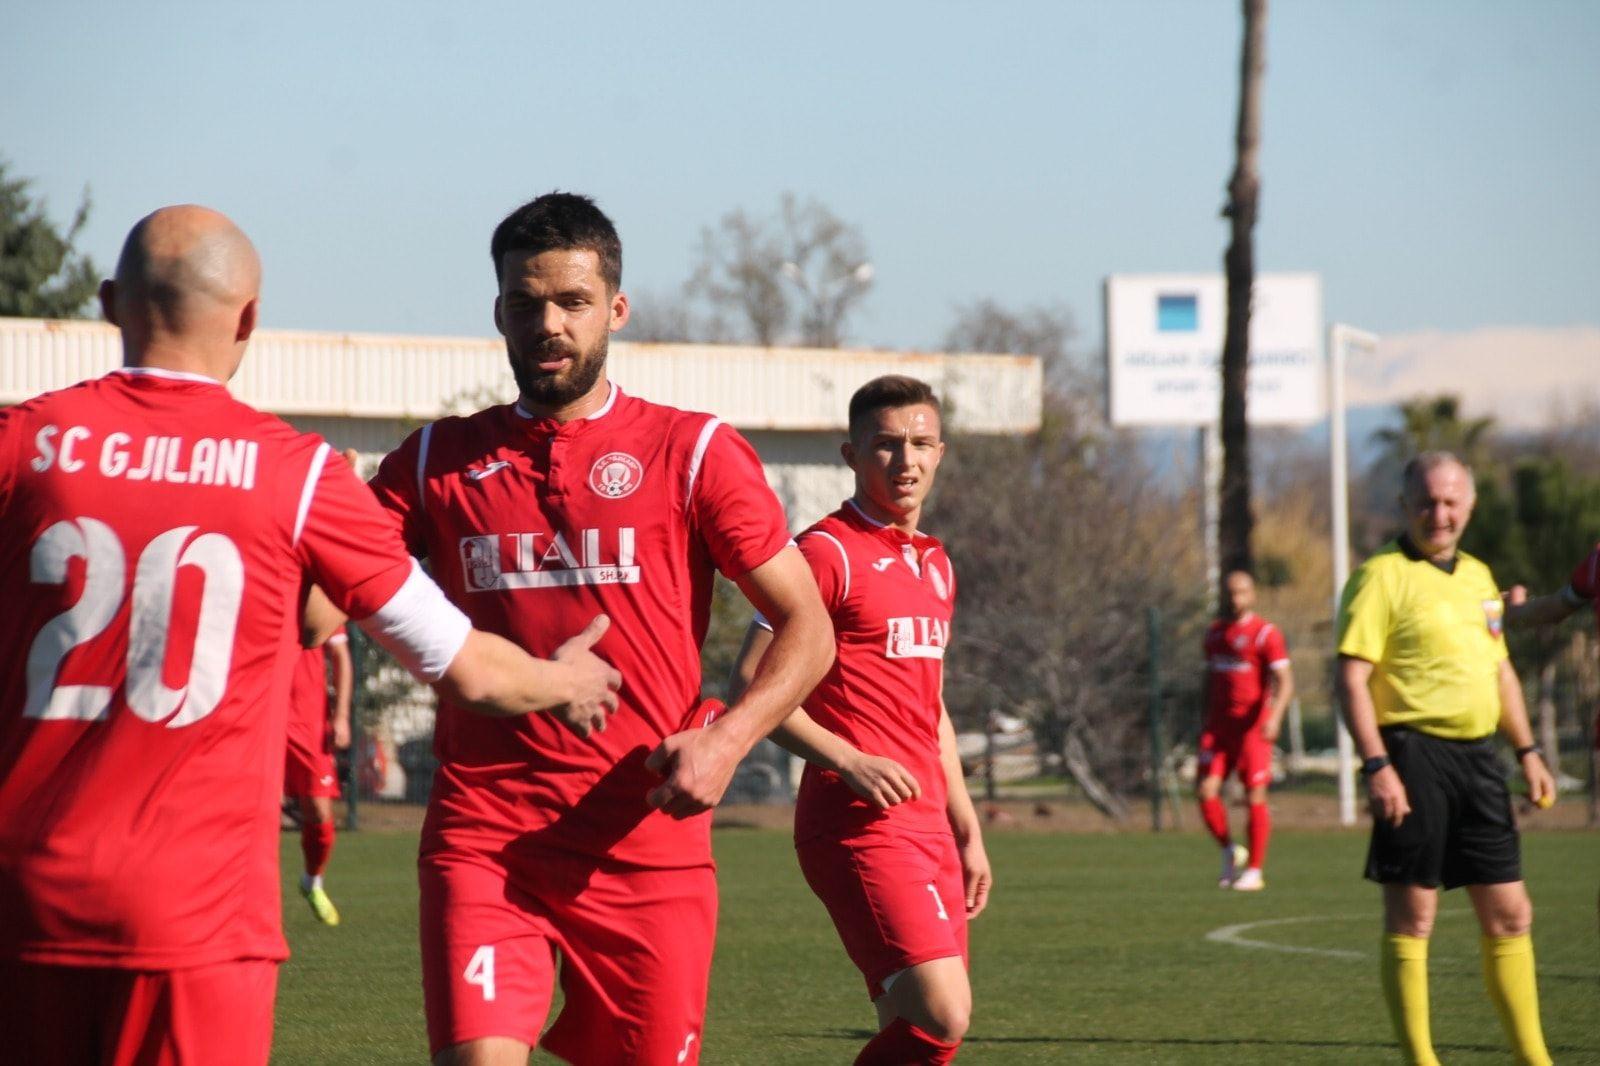 Reagon SC Gjilani: Publikon kontratën e nënshkruar me klubin rus